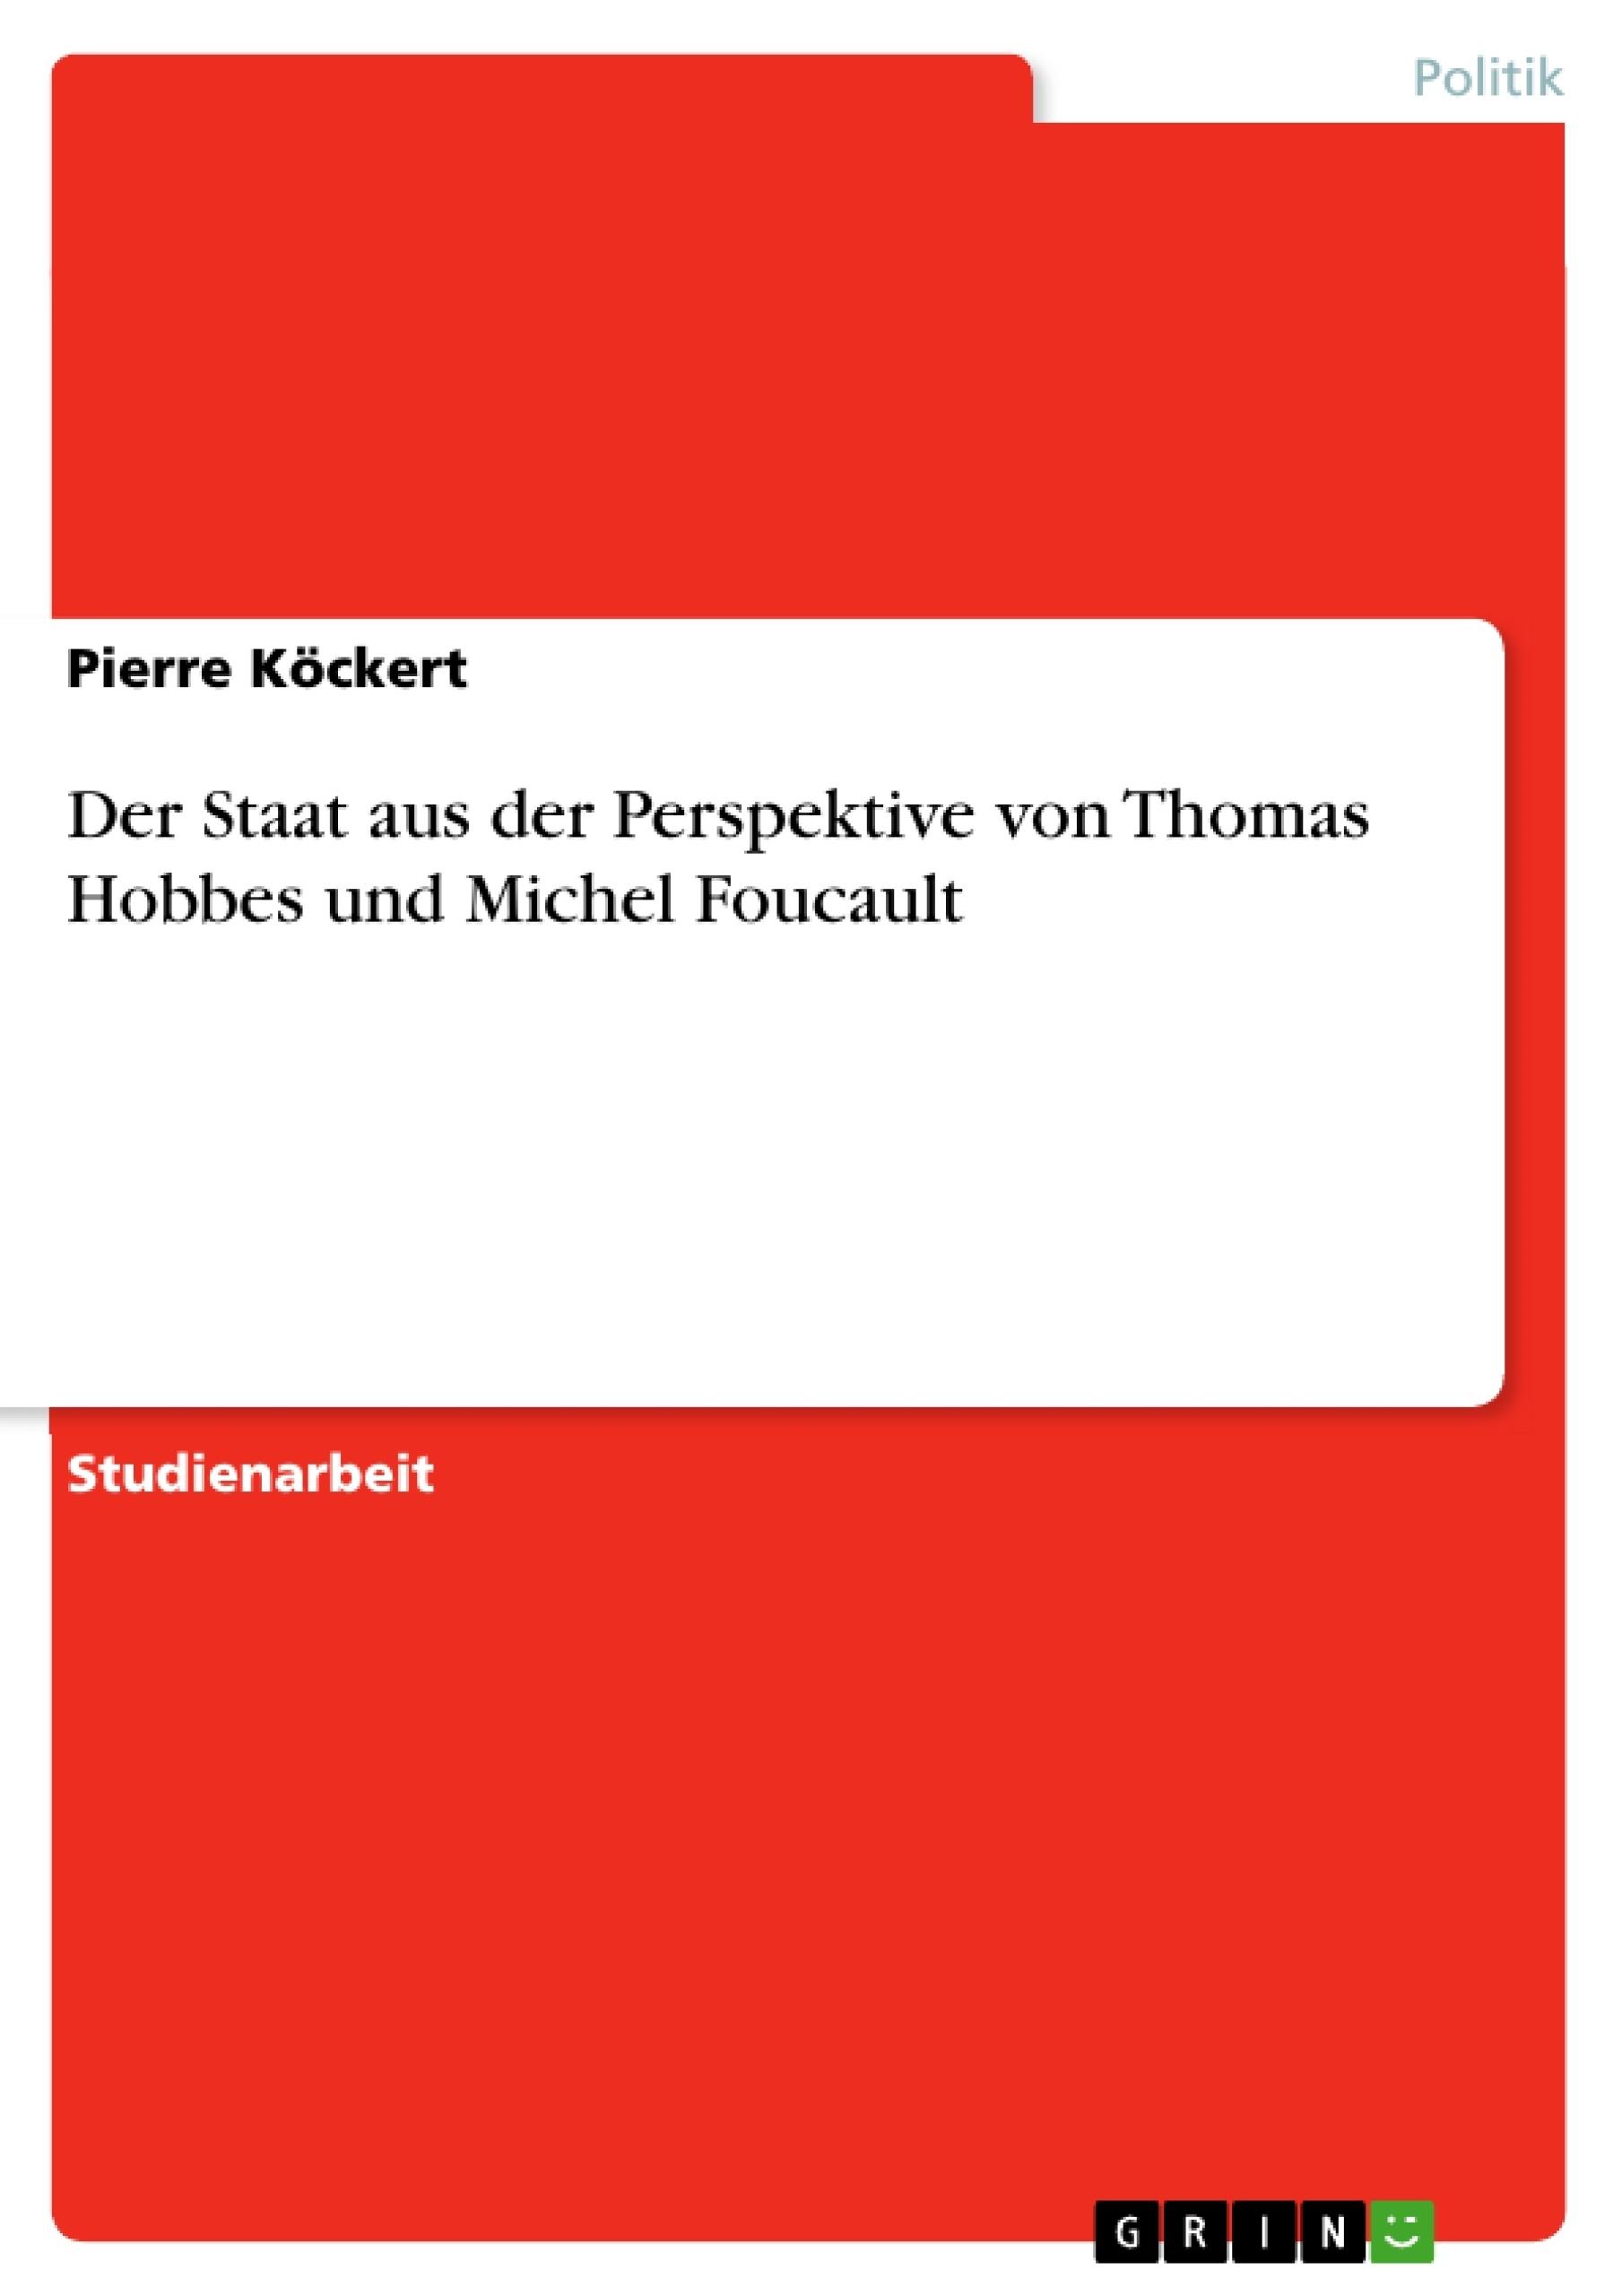 Titel: Der Staat aus der Perspektive von Thomas Hobbes und Michel Foucault